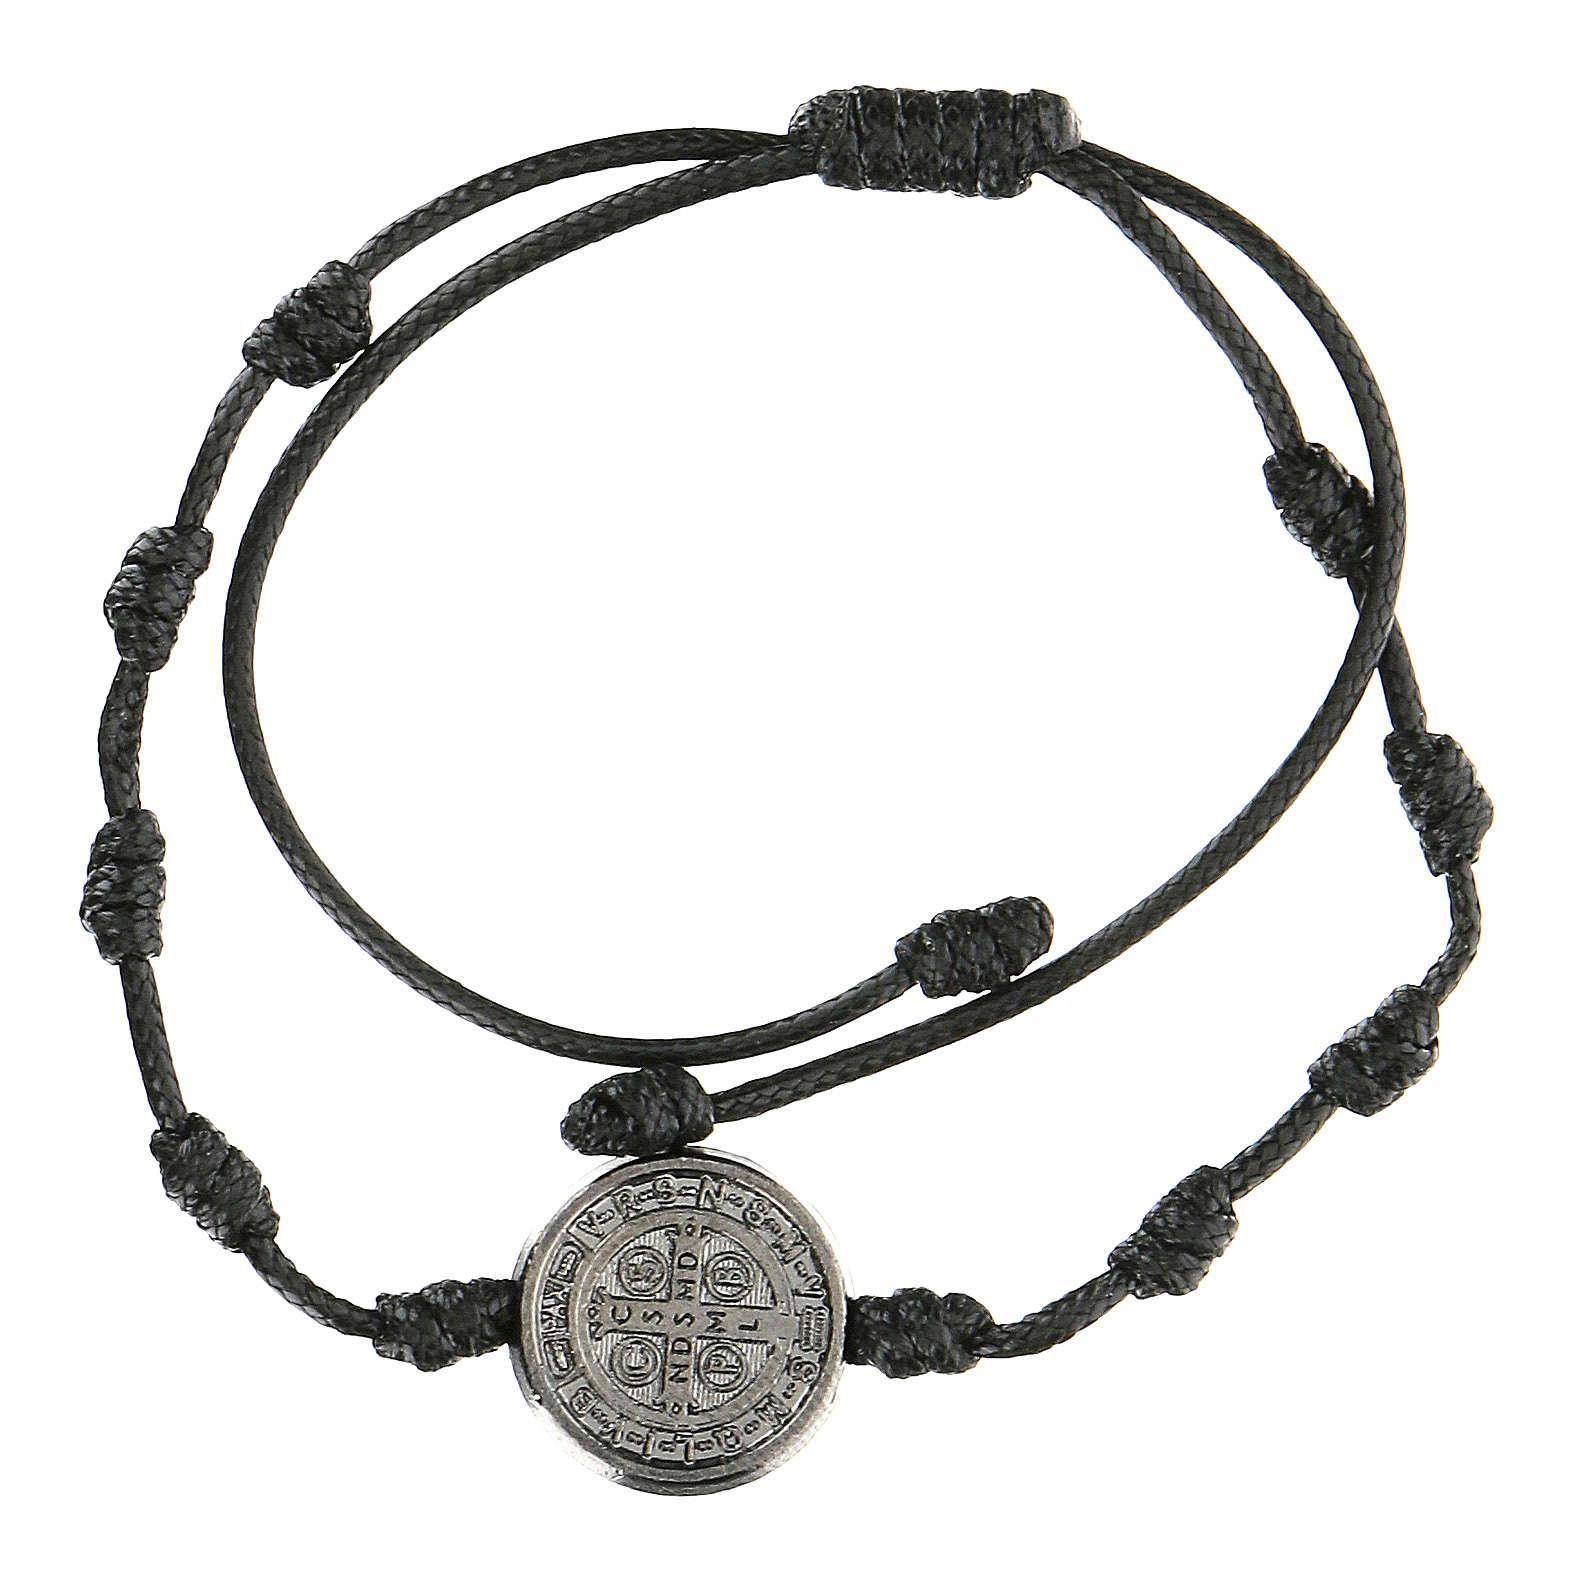 Pulsera ajustable Medjugorje Medalla San Benito negra 4